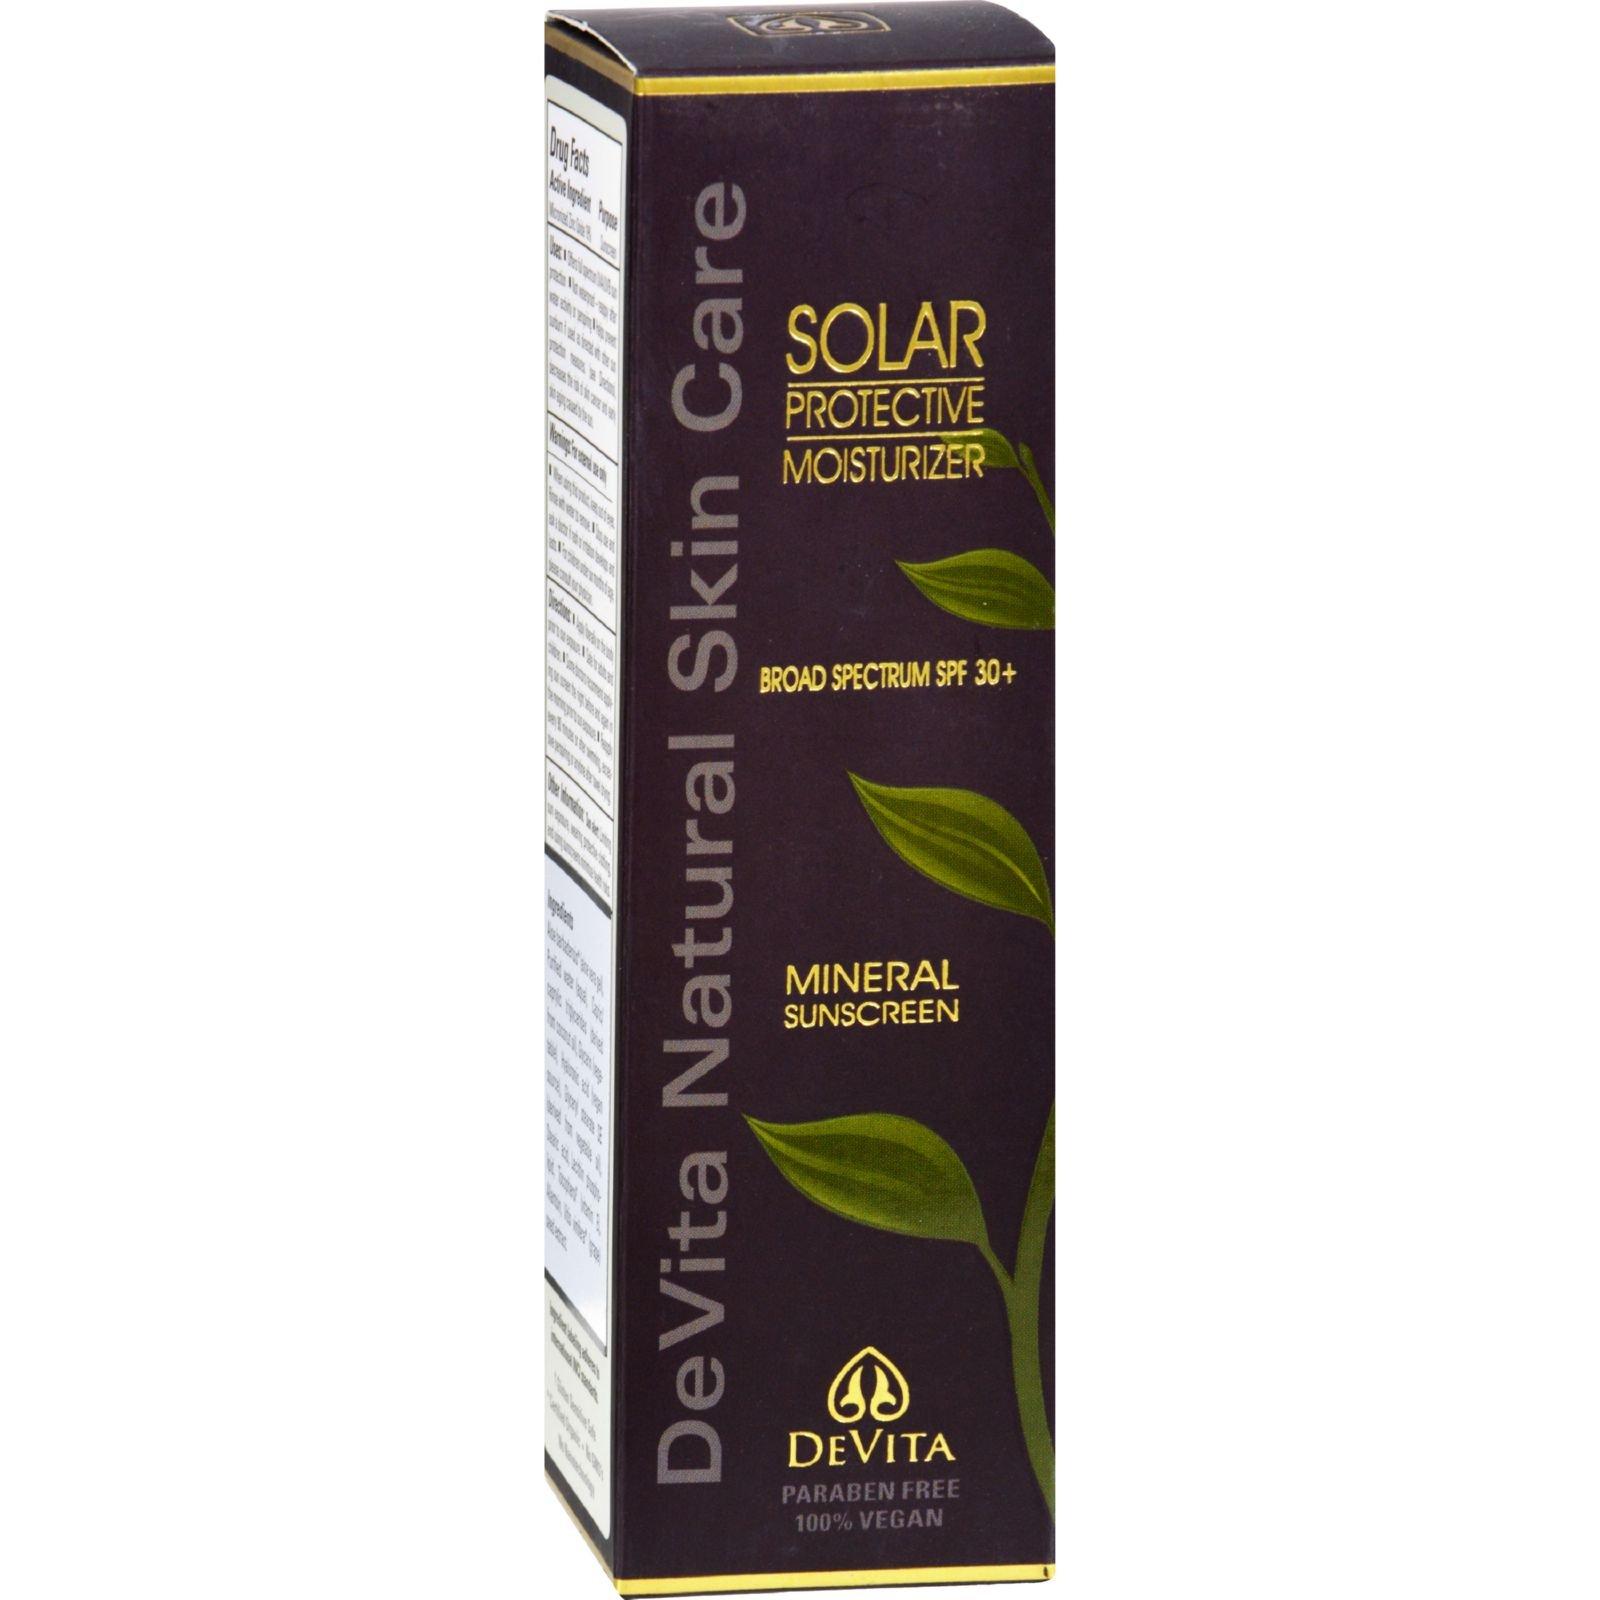 DeVita - Natural Skin Care Solar Protective Moisturizer 30 SPF - 2.5 oz. ( pack of 2)